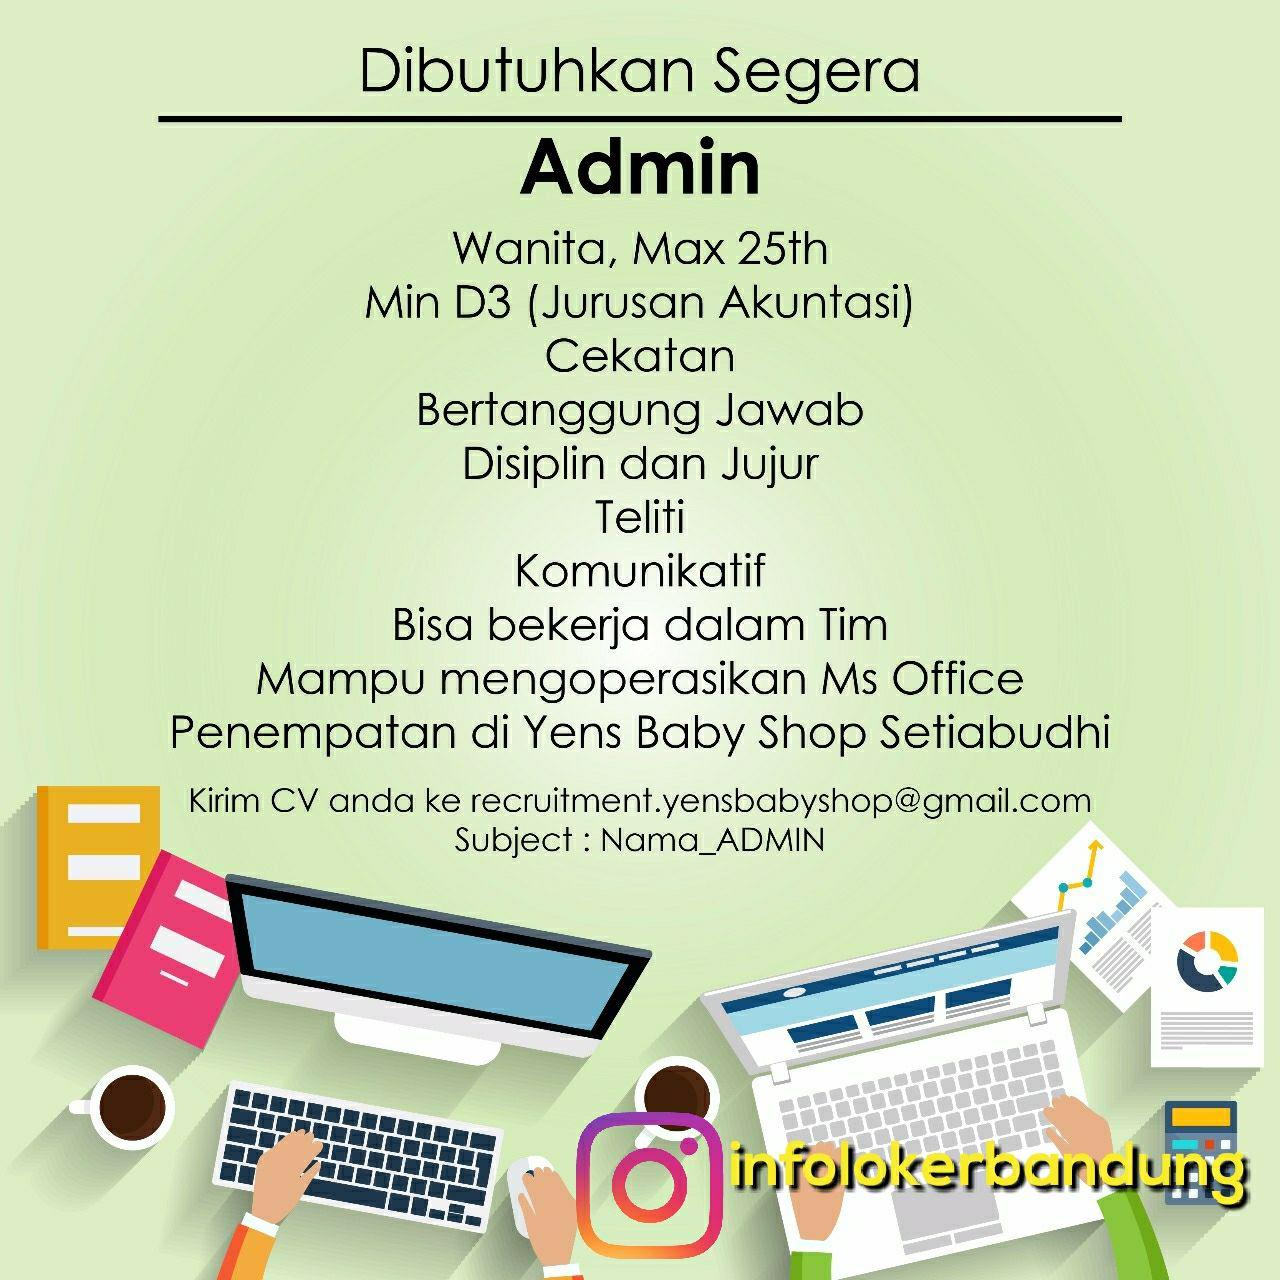 Lowongan Kerja Admin Yens Baby Shop Setiabudhi Bandung September 2017